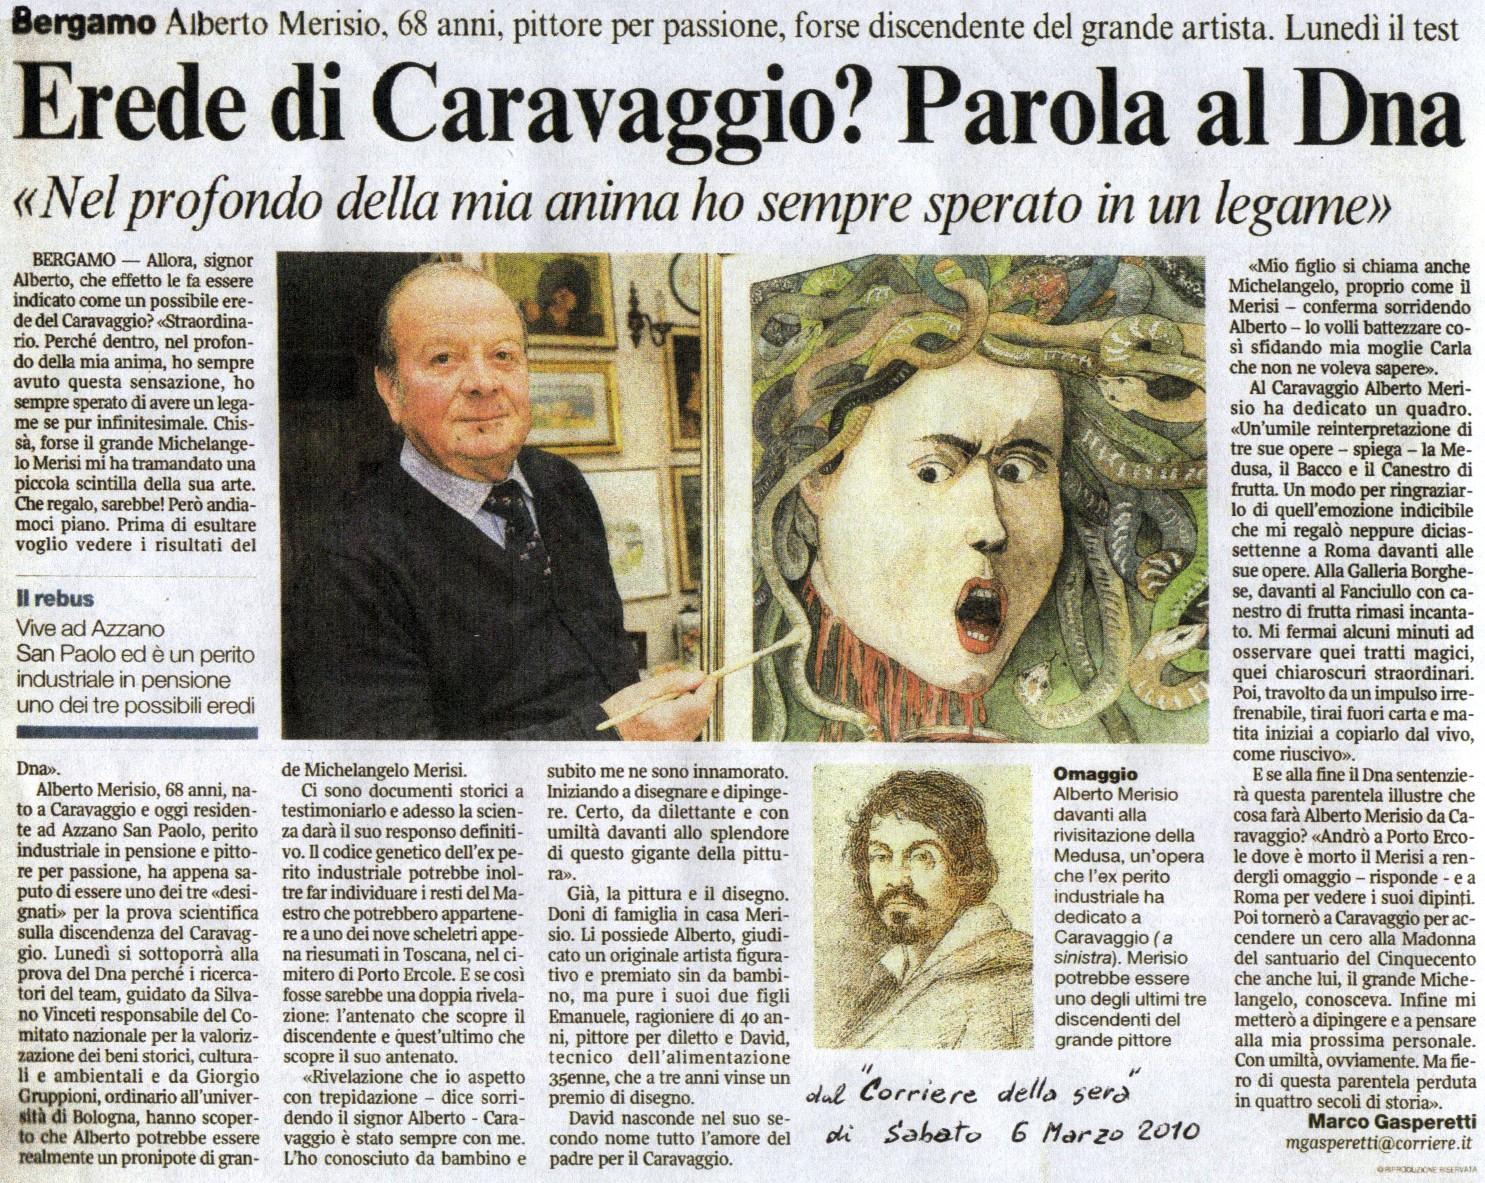 merisio_dna_caravaggio_corriere